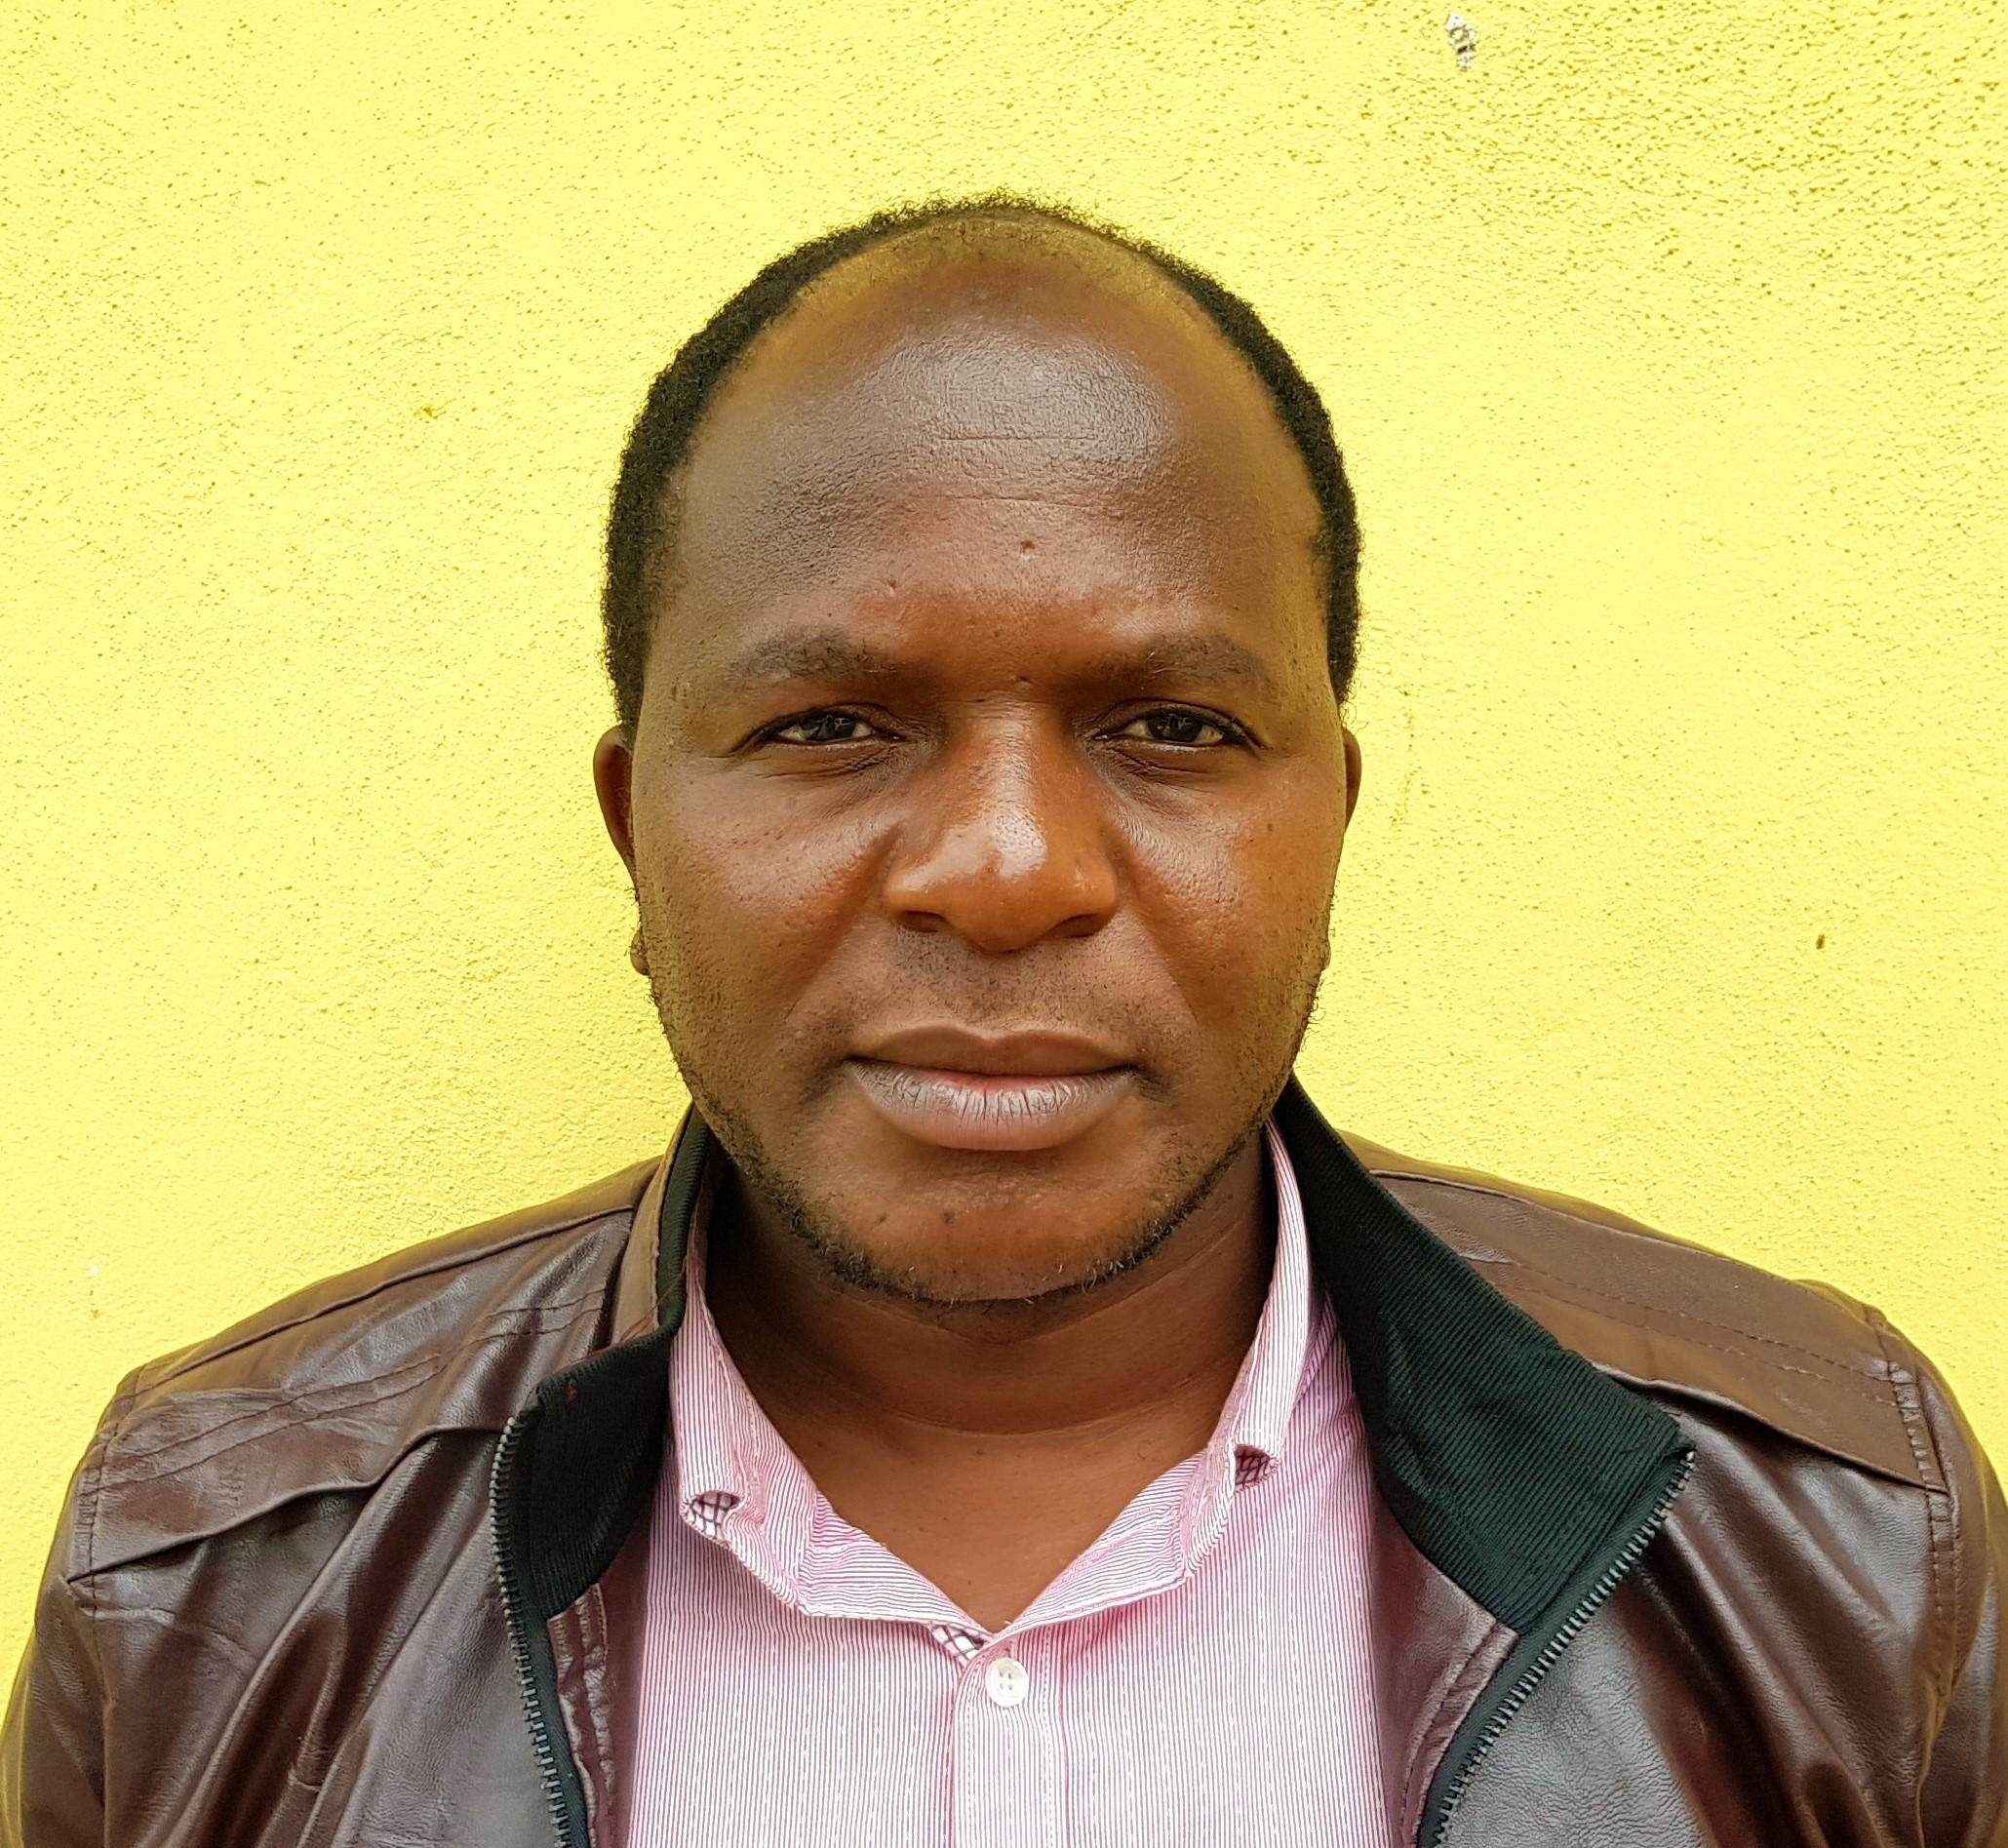 Chimwemwe Balasankhunda